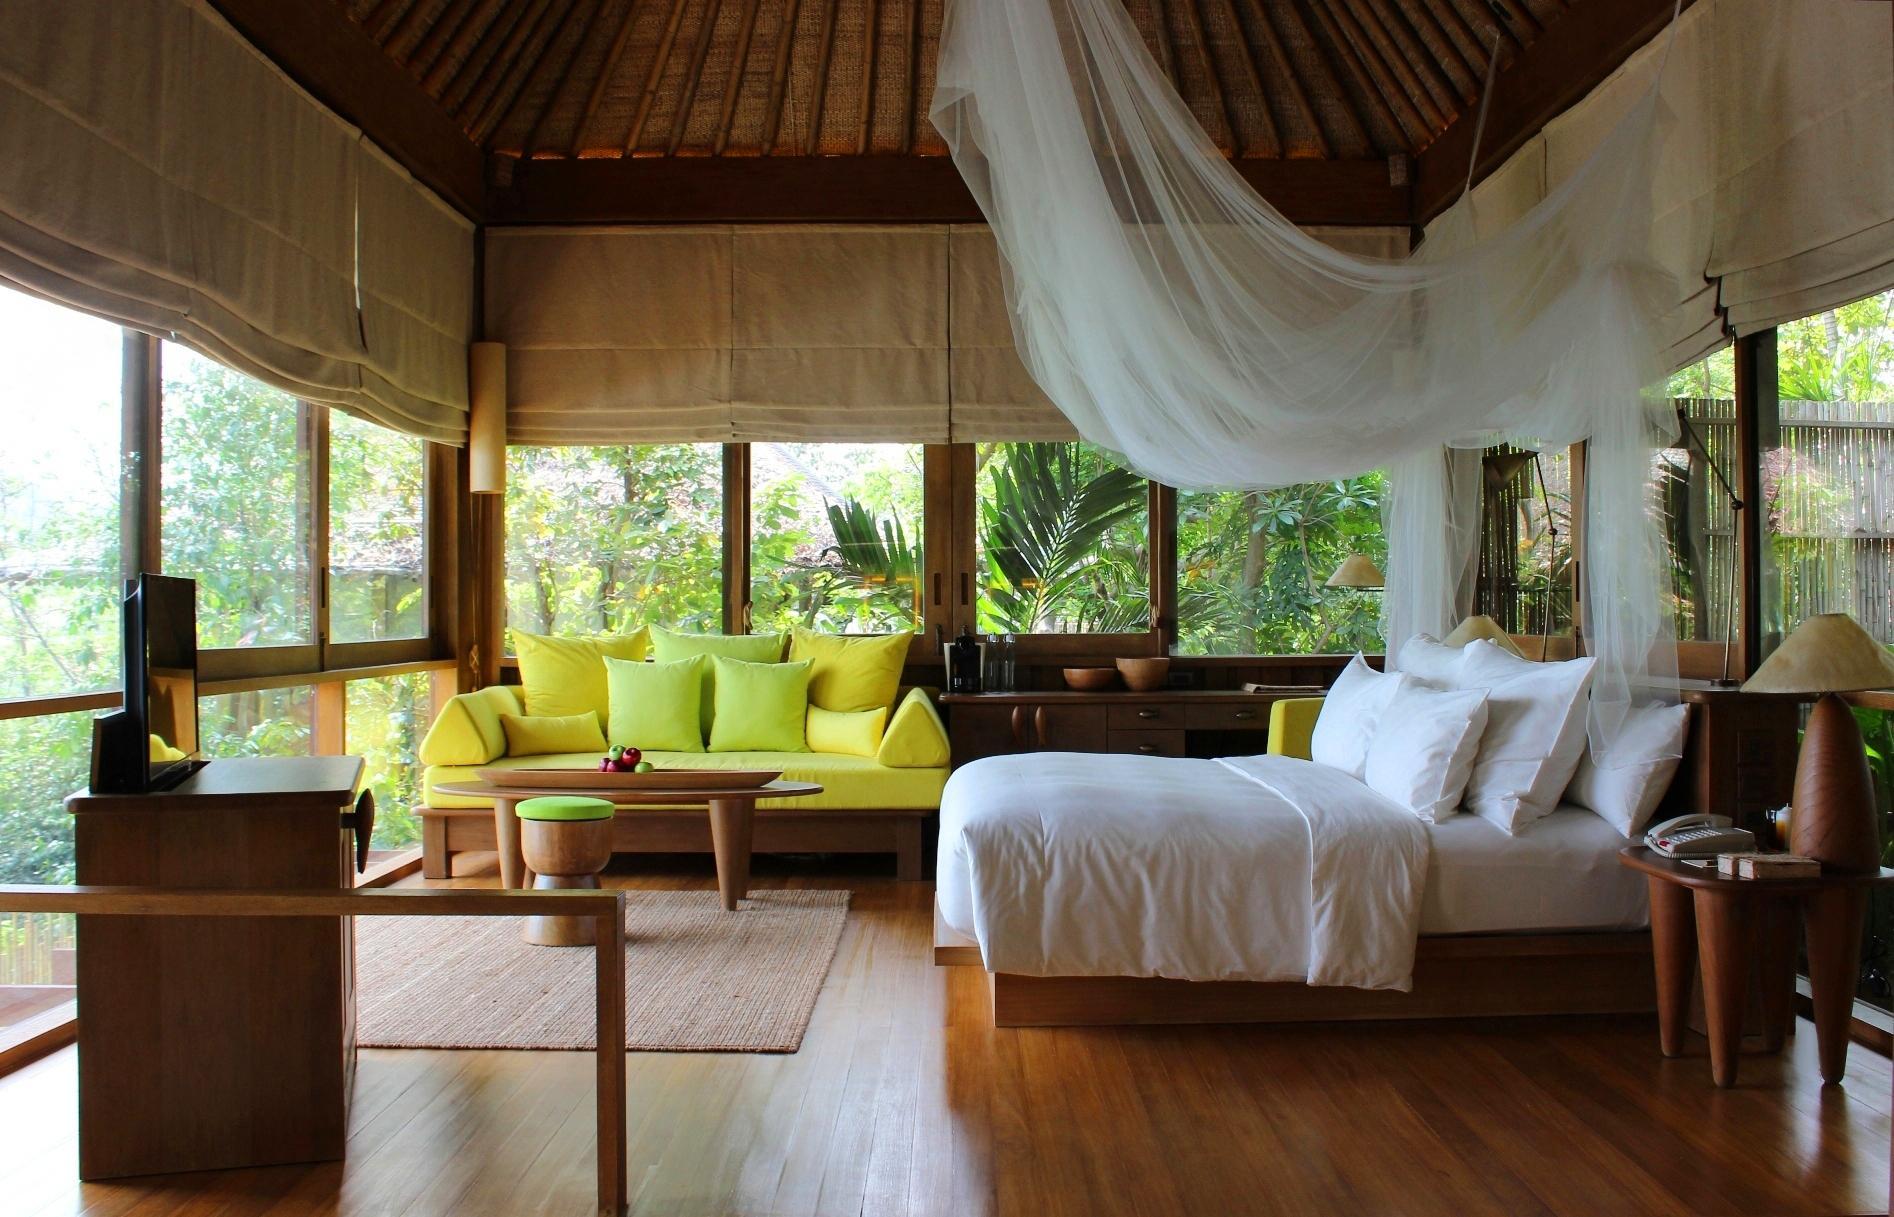 La Thaïlande, le nouvel eldorado pour des vacances de luxe - Madame ... d06f76b429ae